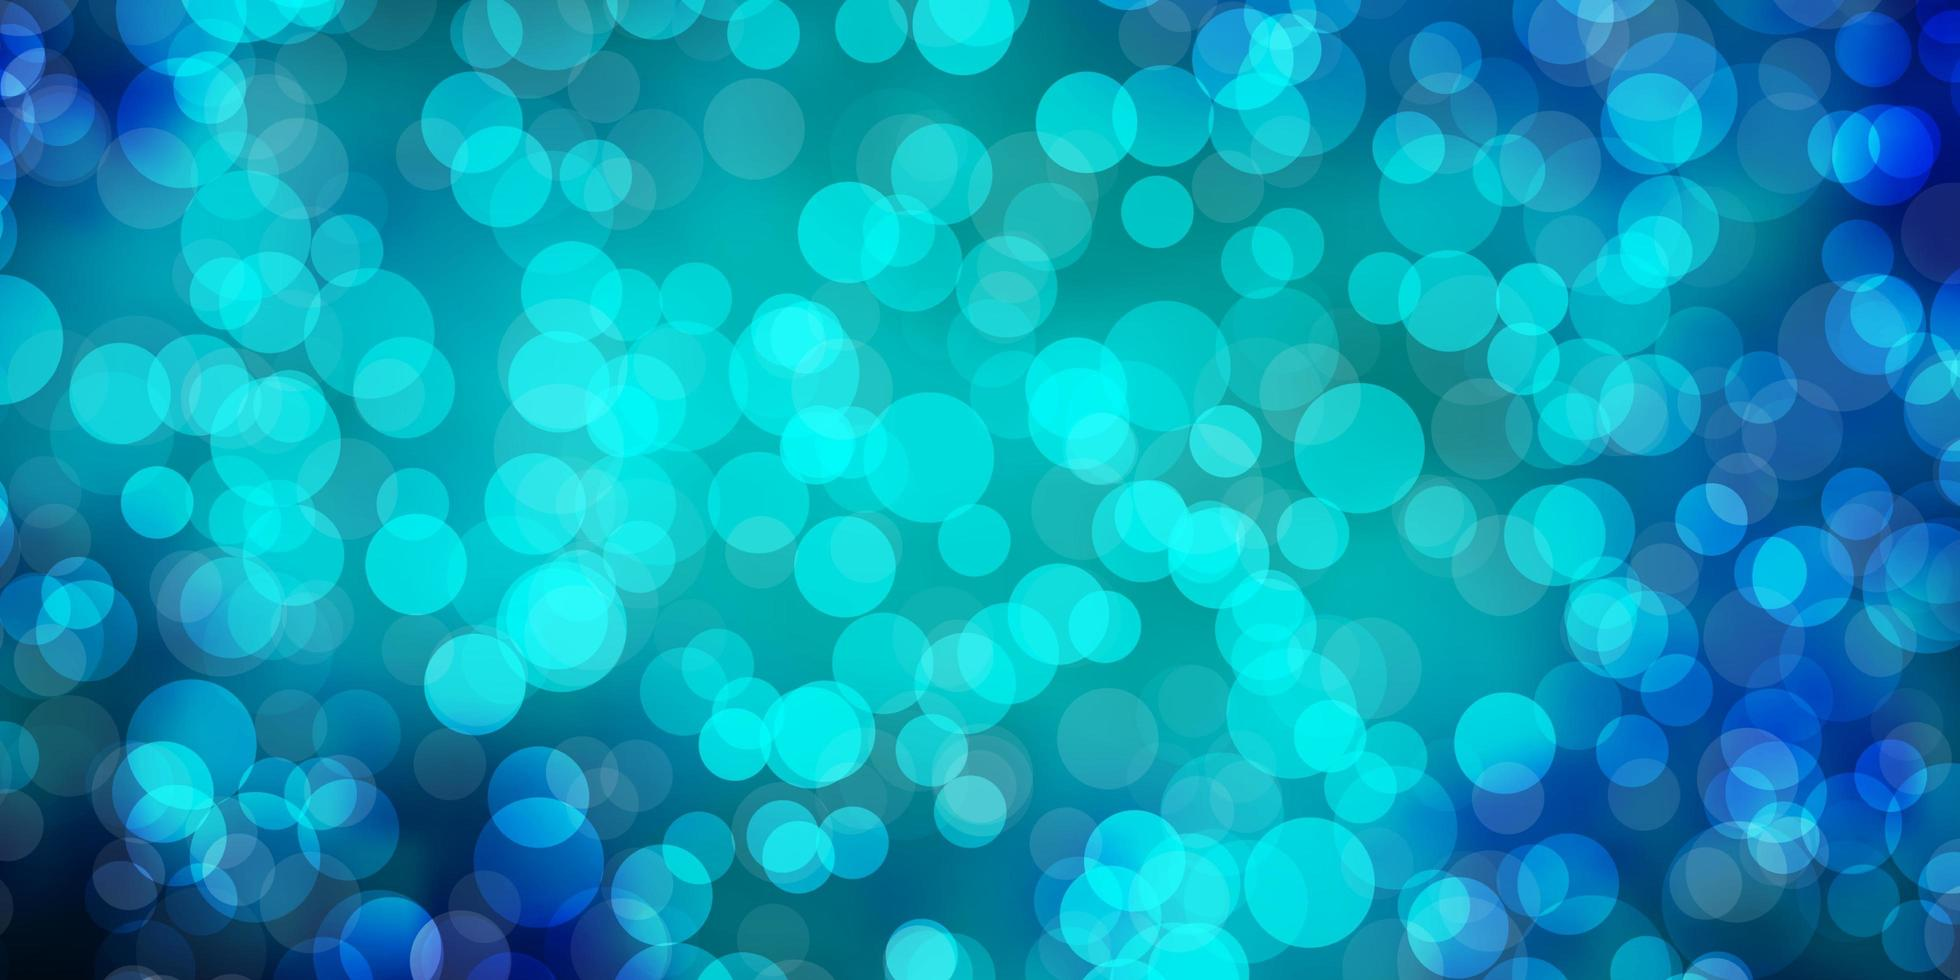 donkerblauw patroon met bollen. vector